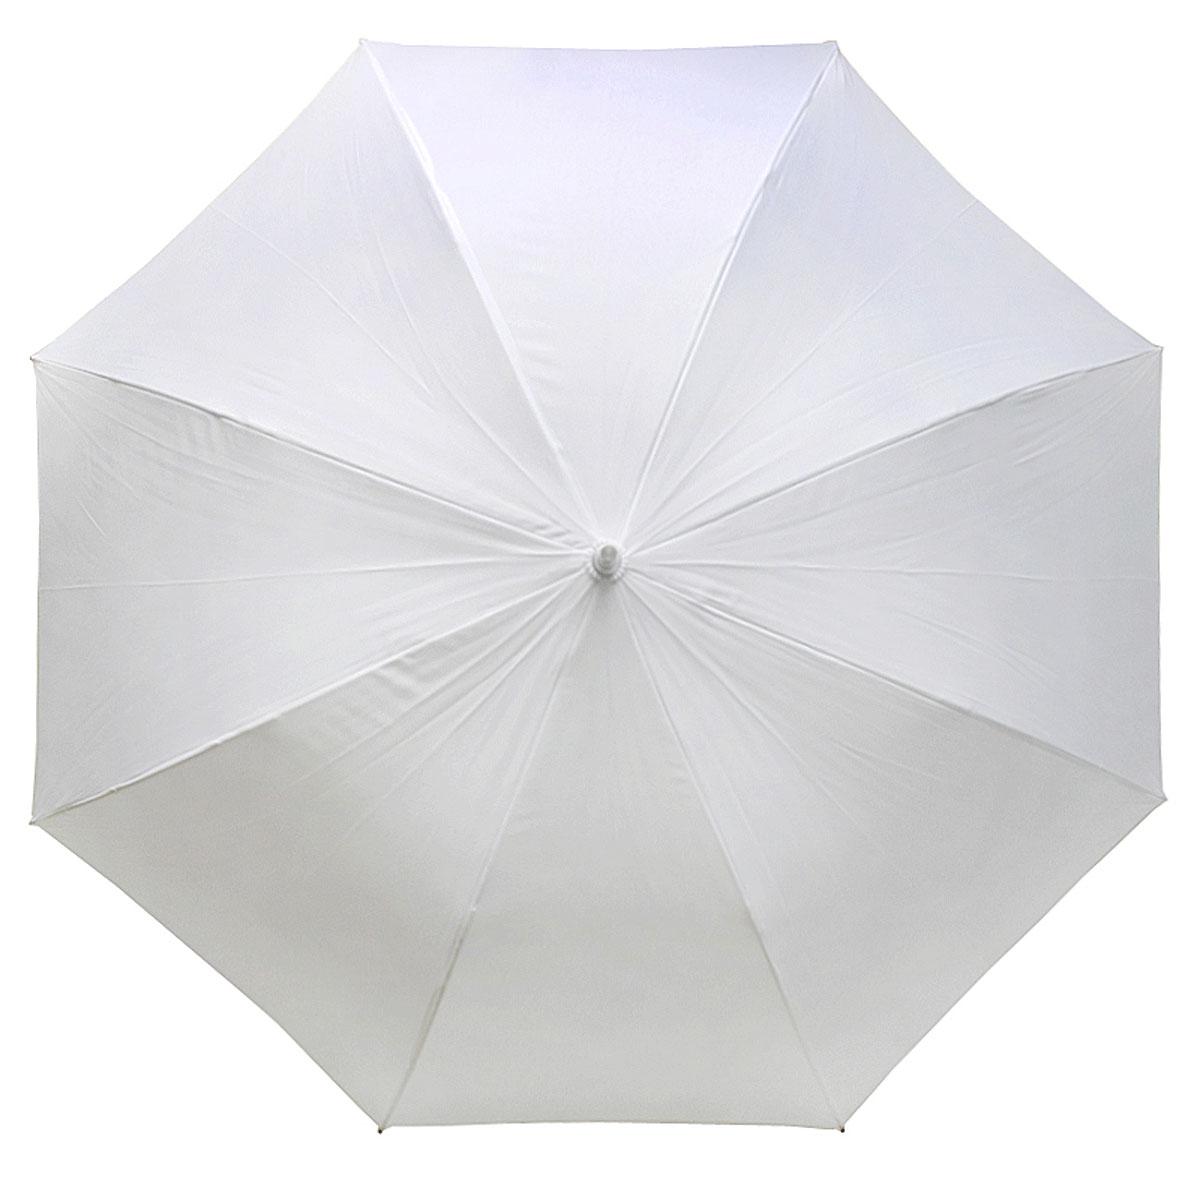 Зонт-трость женский Vogue, механика, цвет: белый. 100 V45100032/35449/3537AЗонт-трость испанского производителя Vogue, свадебная. Каркас имеет противоветровый эффектСтержень: алюминий8 спиц по 70см.Диаметр купола: 119см.Вес: 585гр. Коллекция Vogue, отражающая самые последние тенденции в моде, очень удачно сочетается с практичностью и отличным качеством испанских зонтов, применение в производстве каркасов современных материалов уменьшает вес зонтиков и гарантирует надежность и качество. Рекомендации по использованию: Мокрый зонт нельзя оставять сложенным. Зонт после использования рекомндуется сушить в полураскрытом виде вдали от нагревательных приборов. Чистить зонт рекомендуется губкой, используя мягкие нещелочные растворы.